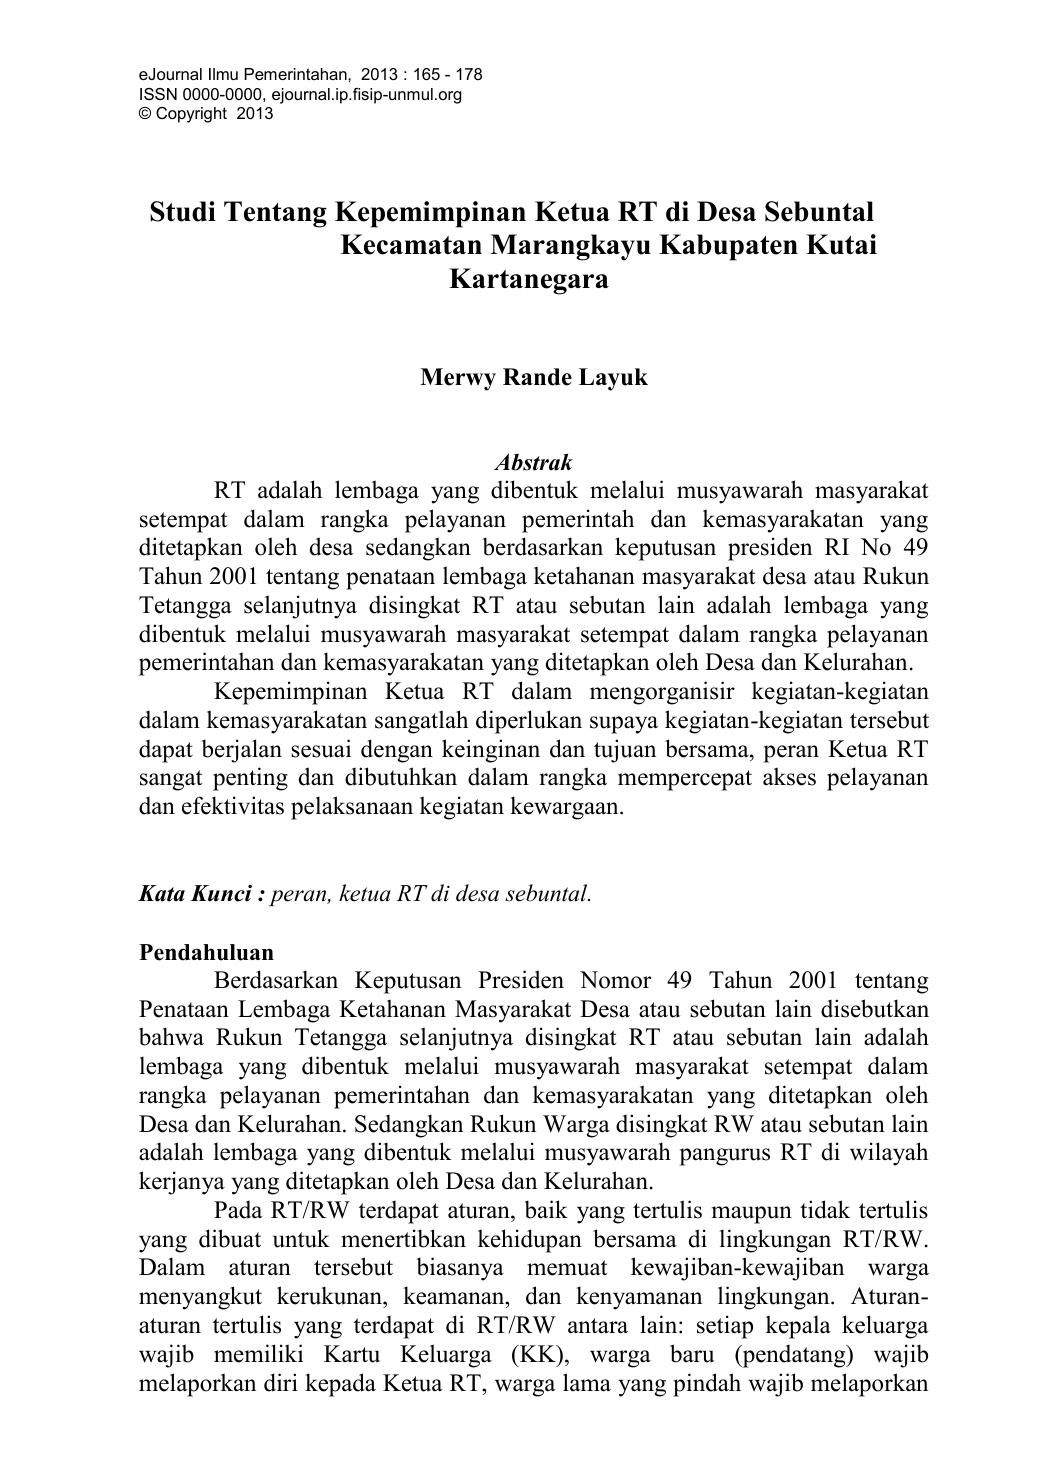 Studi Tentang Kepemimpinan Ketua Rt Di Desa Sebuntal